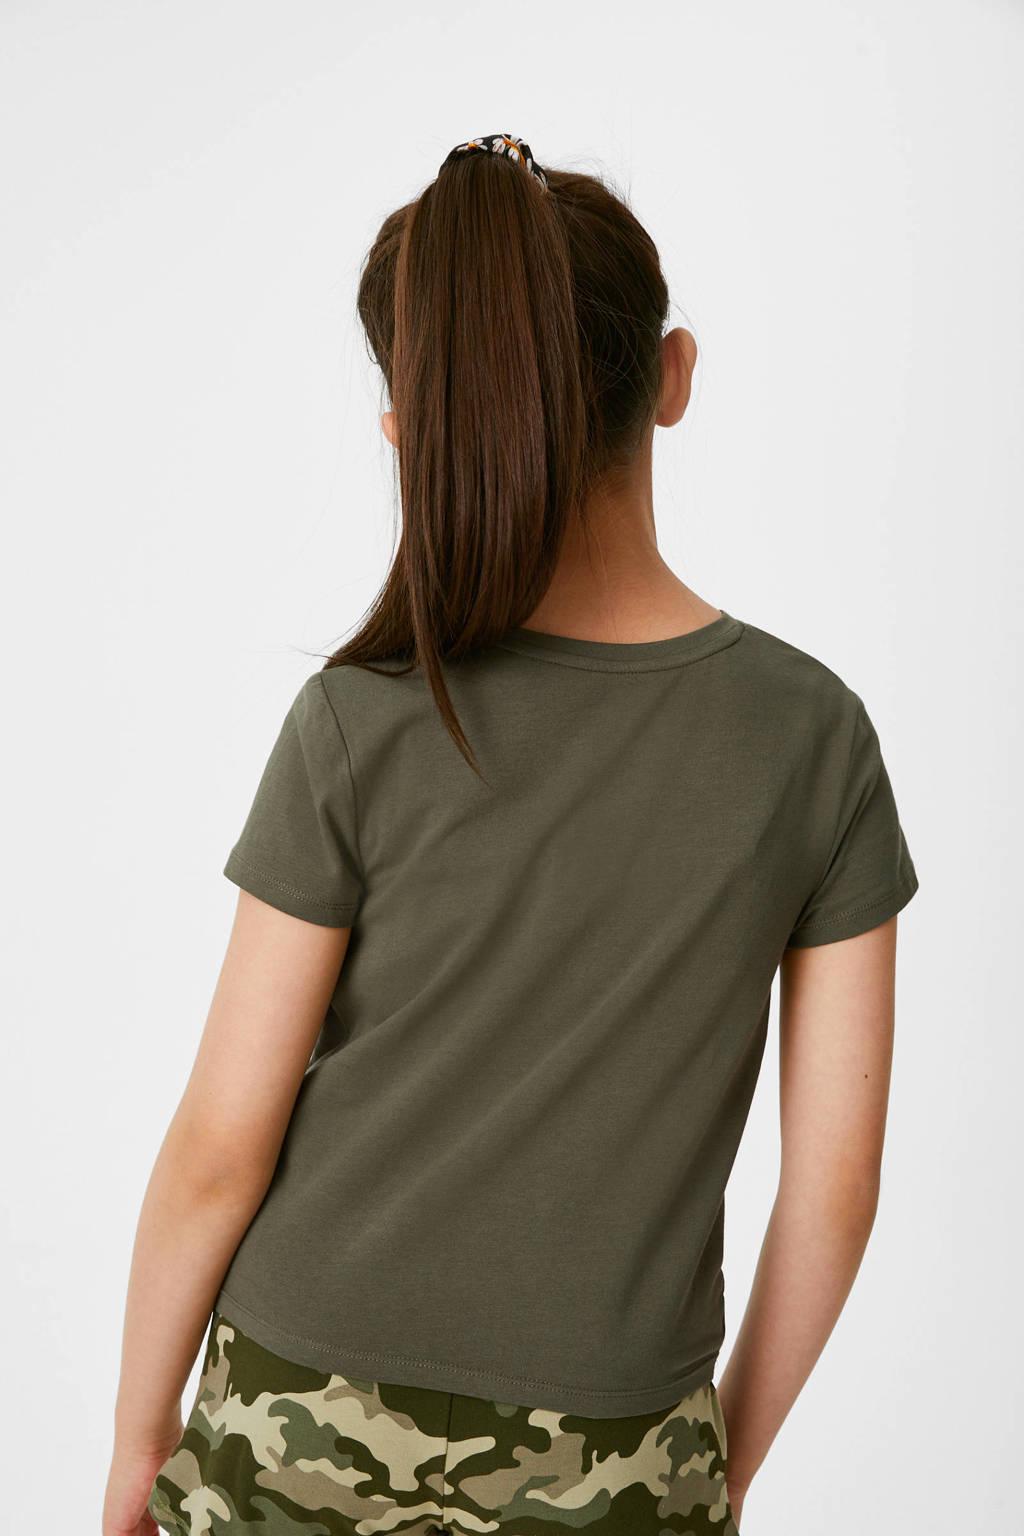 C&A Here & There T-shirt met biologisch katoen olijfgroen, Olijfgroen